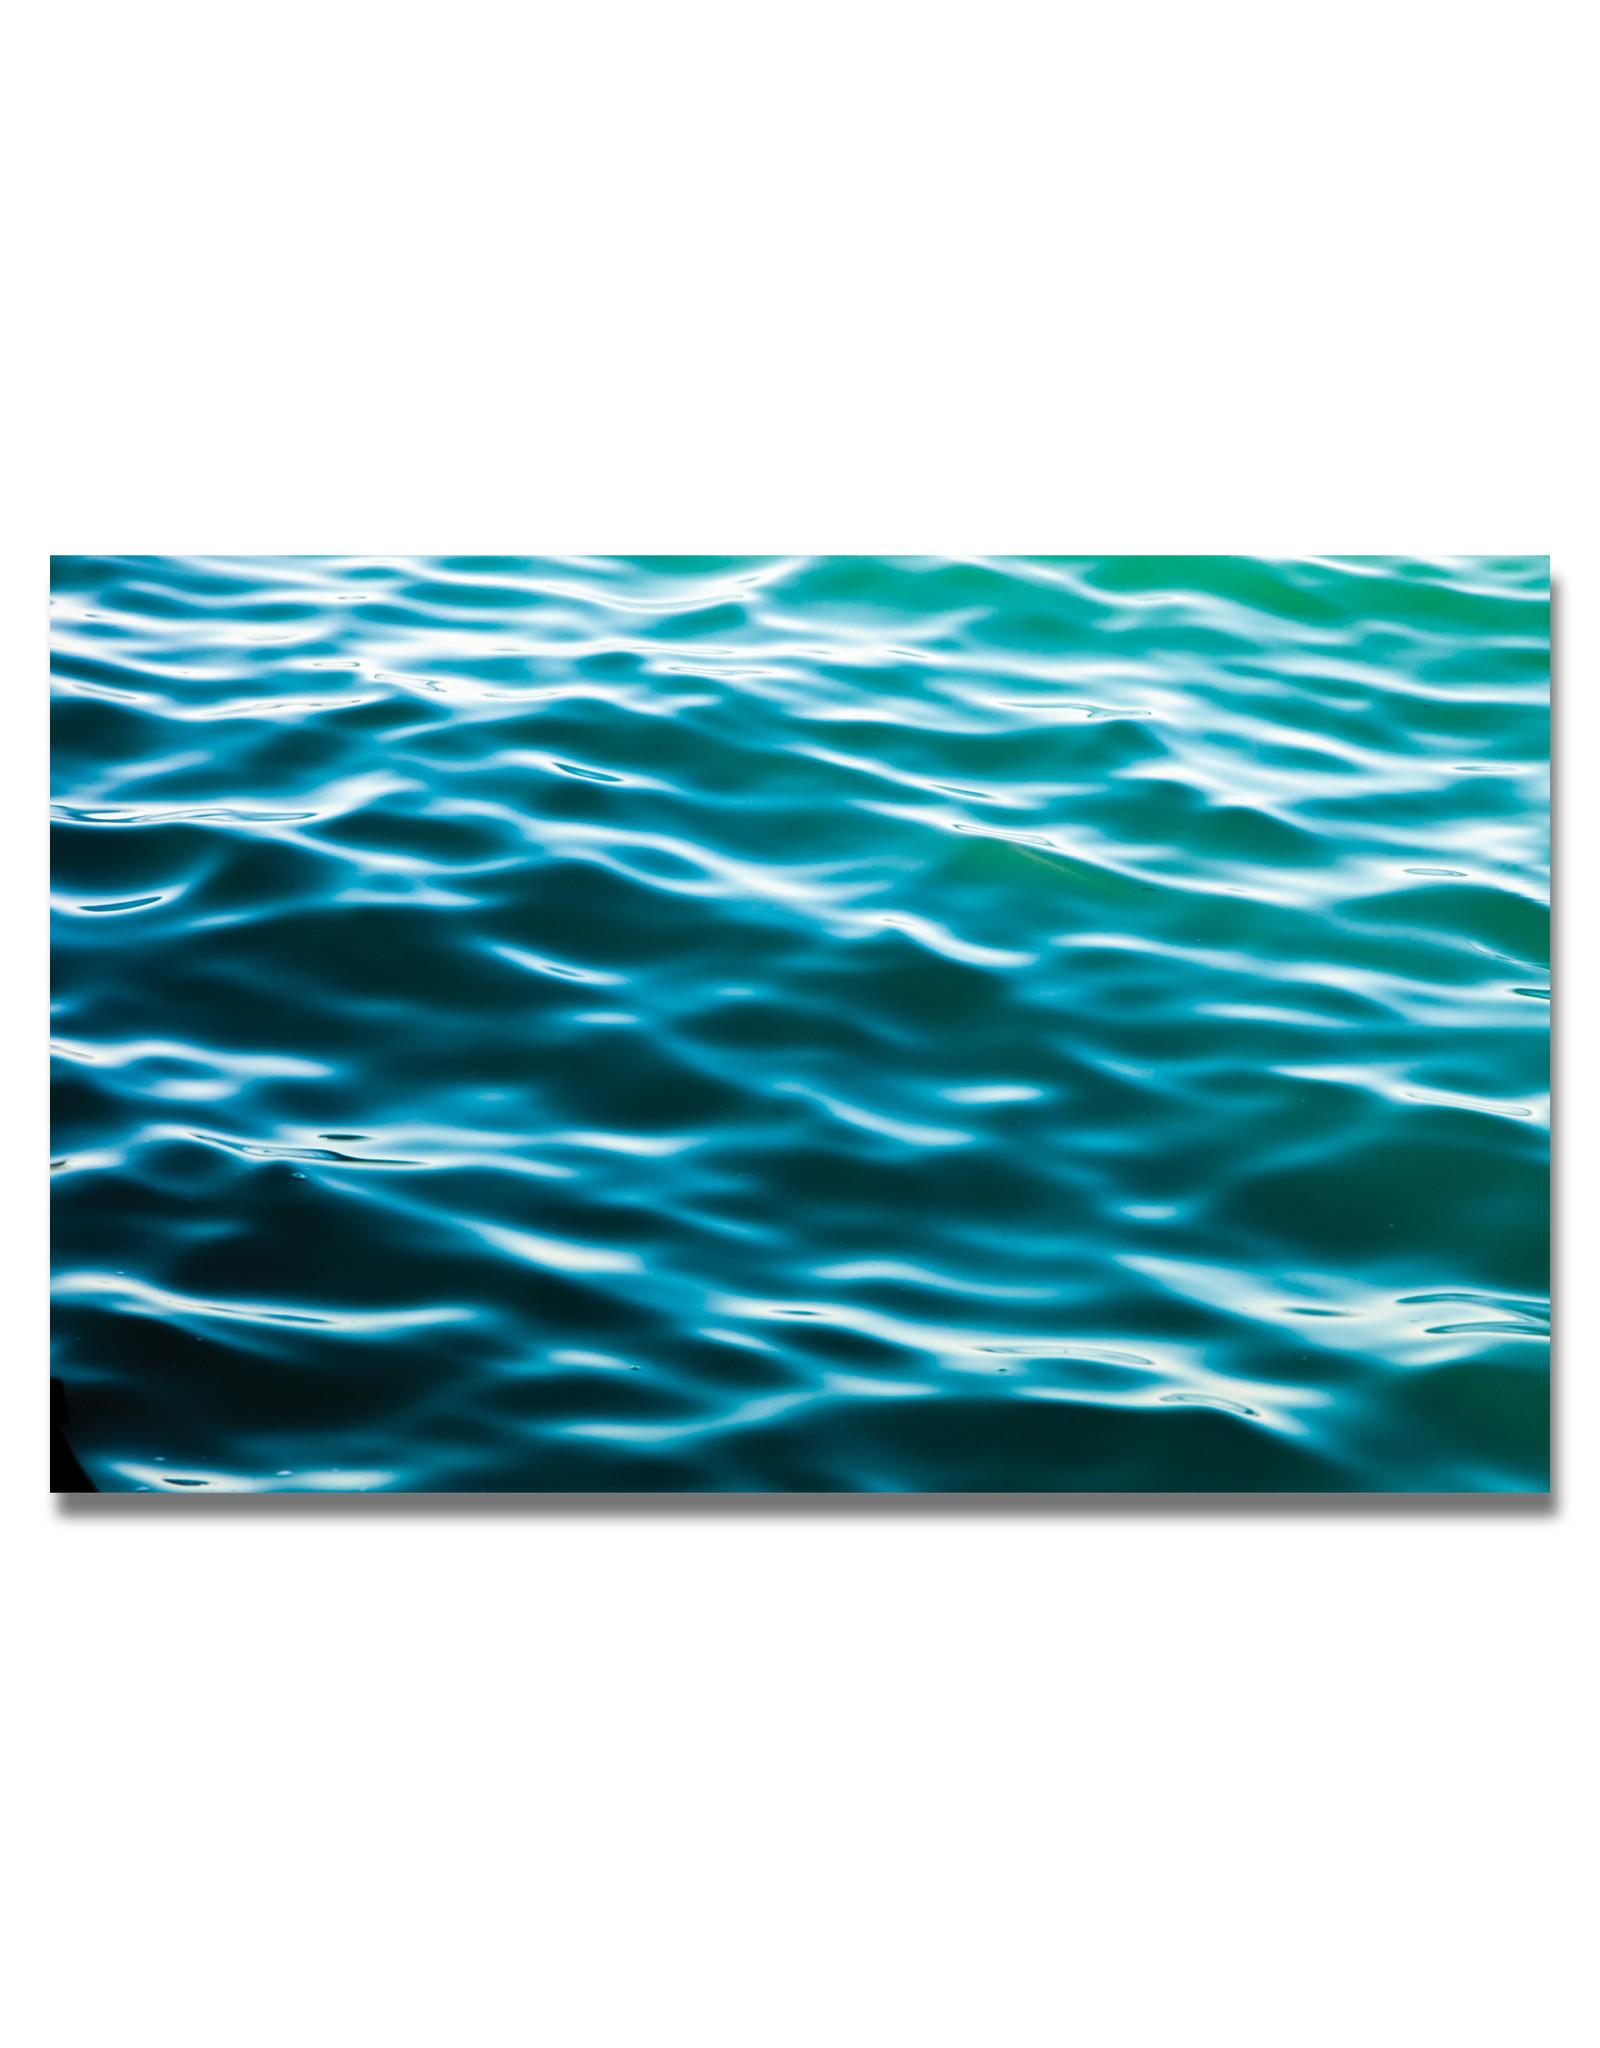 Water - No. 1